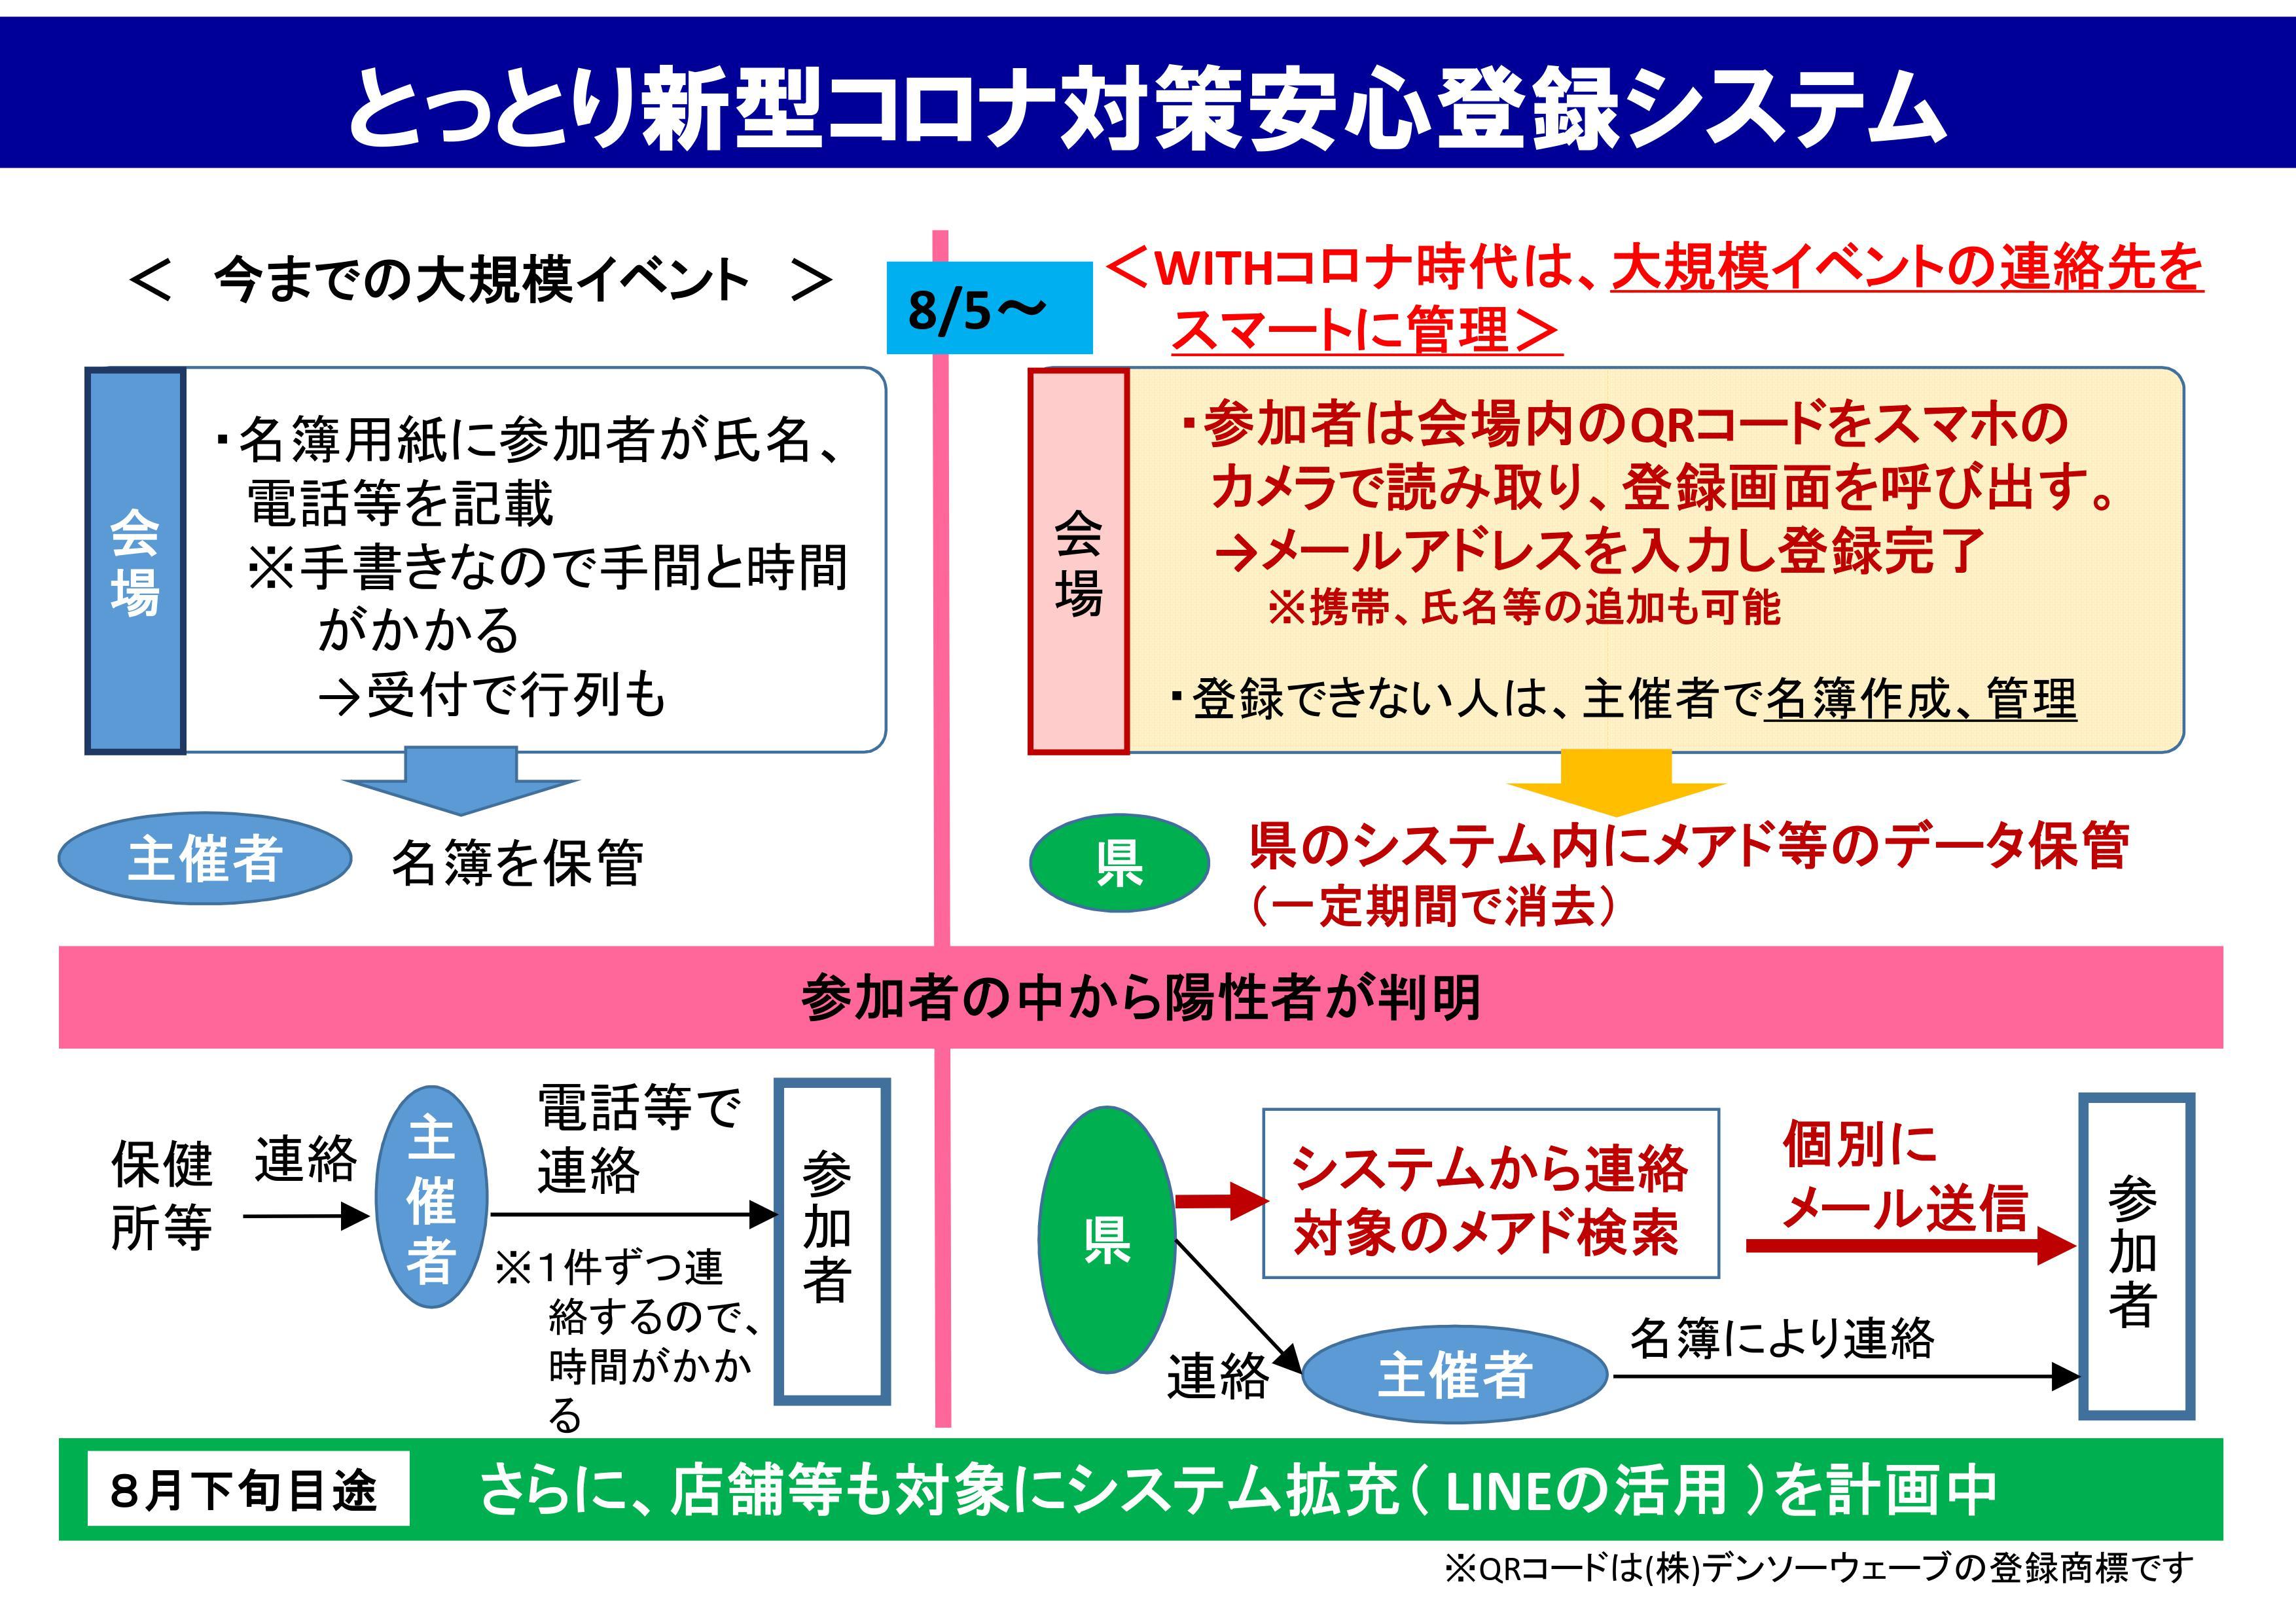 コロナ 鳥取 県 コロナ対策本部/新型コロナウイルス感染症特設サイト/とりネット